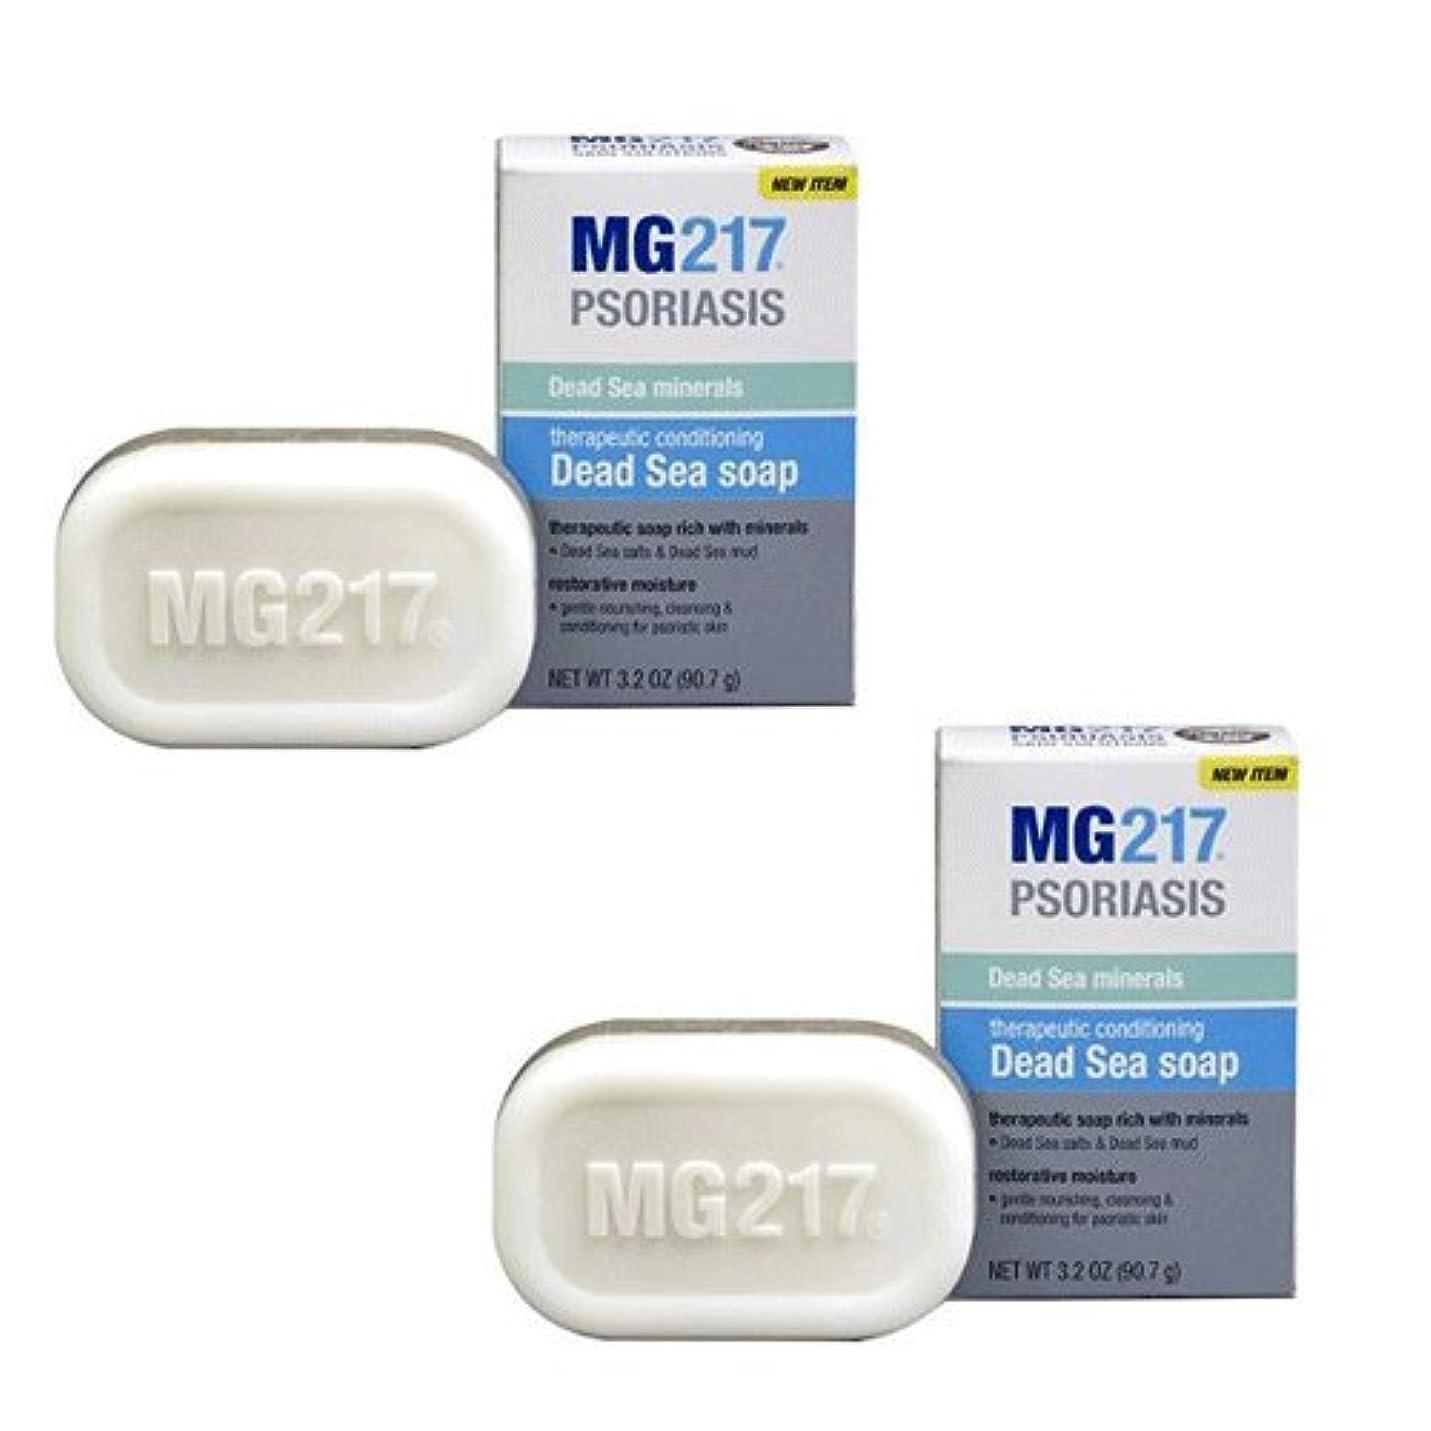 端症状折り目2個セット 死海の泥とミネラルたっぷり MG217ソープ 90g MG217 Psoriasis Therapeutic Conditioning Dead Sea Bar Soap